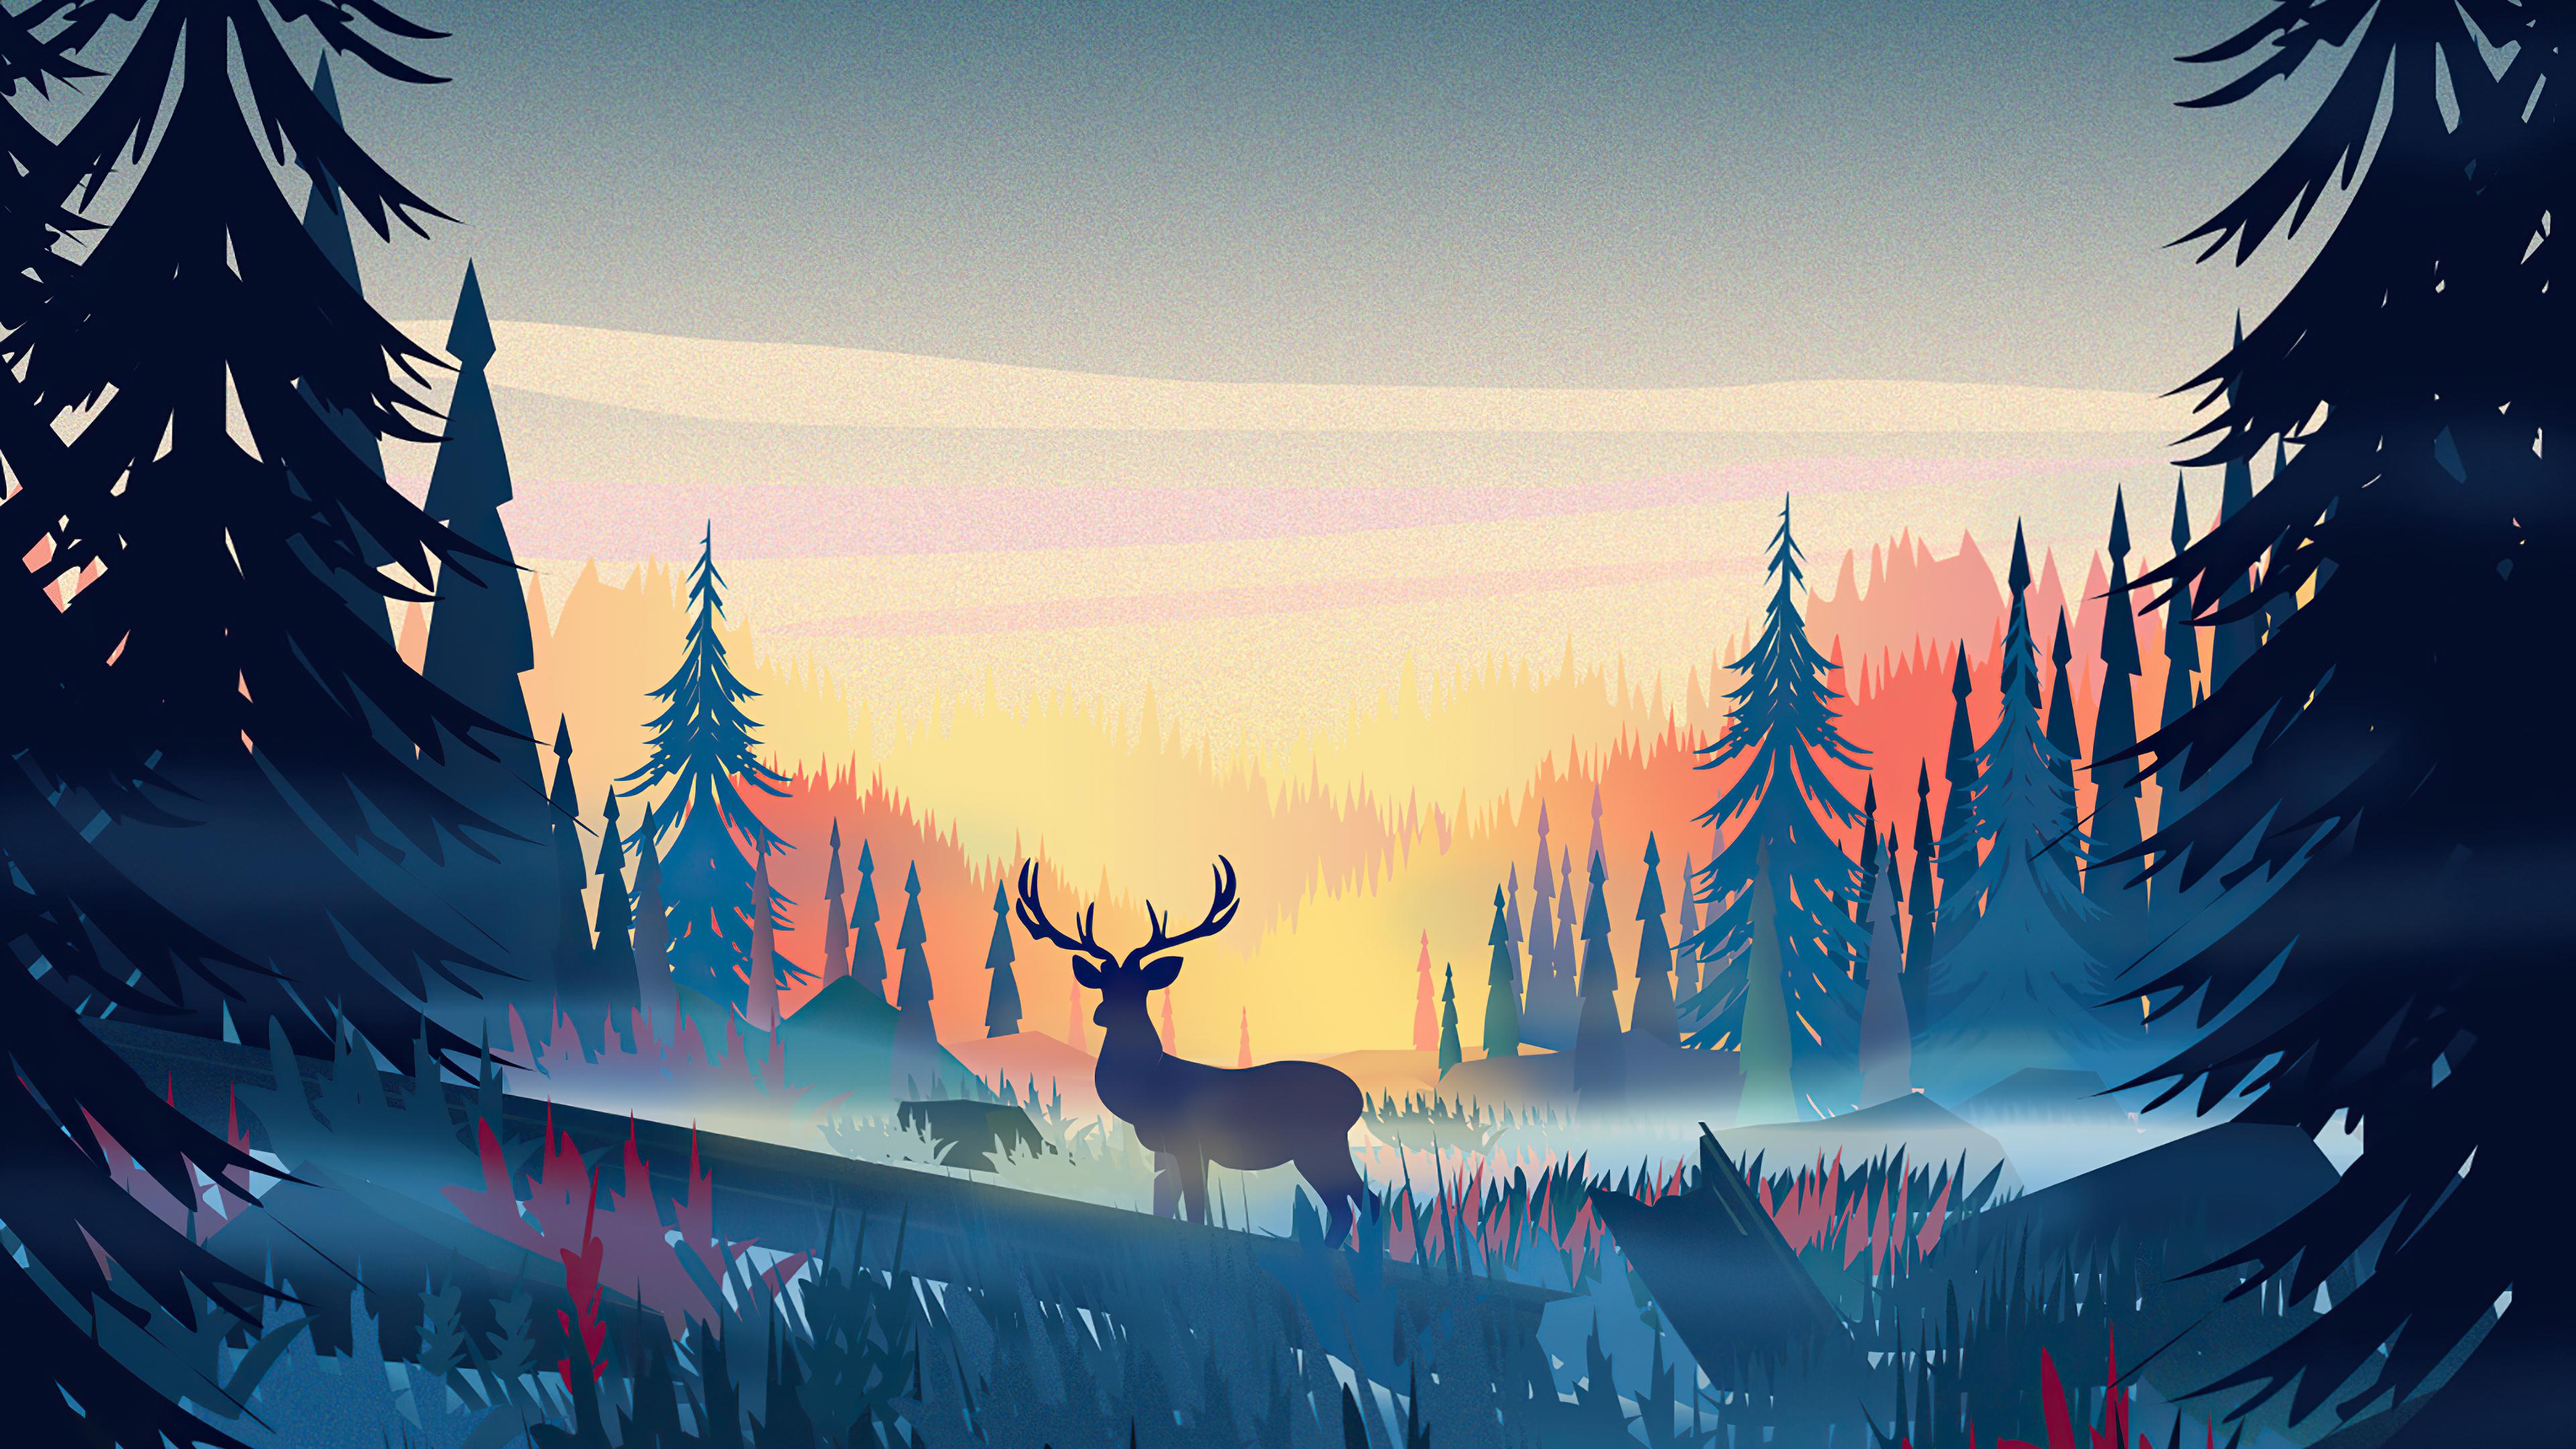 reindeer minimal forest minimalism 4k 1616874176 - Reindeer Minimal Forest Minimalism 4k - Reindeer Minimal Forest Minimalism 4k wallpapers